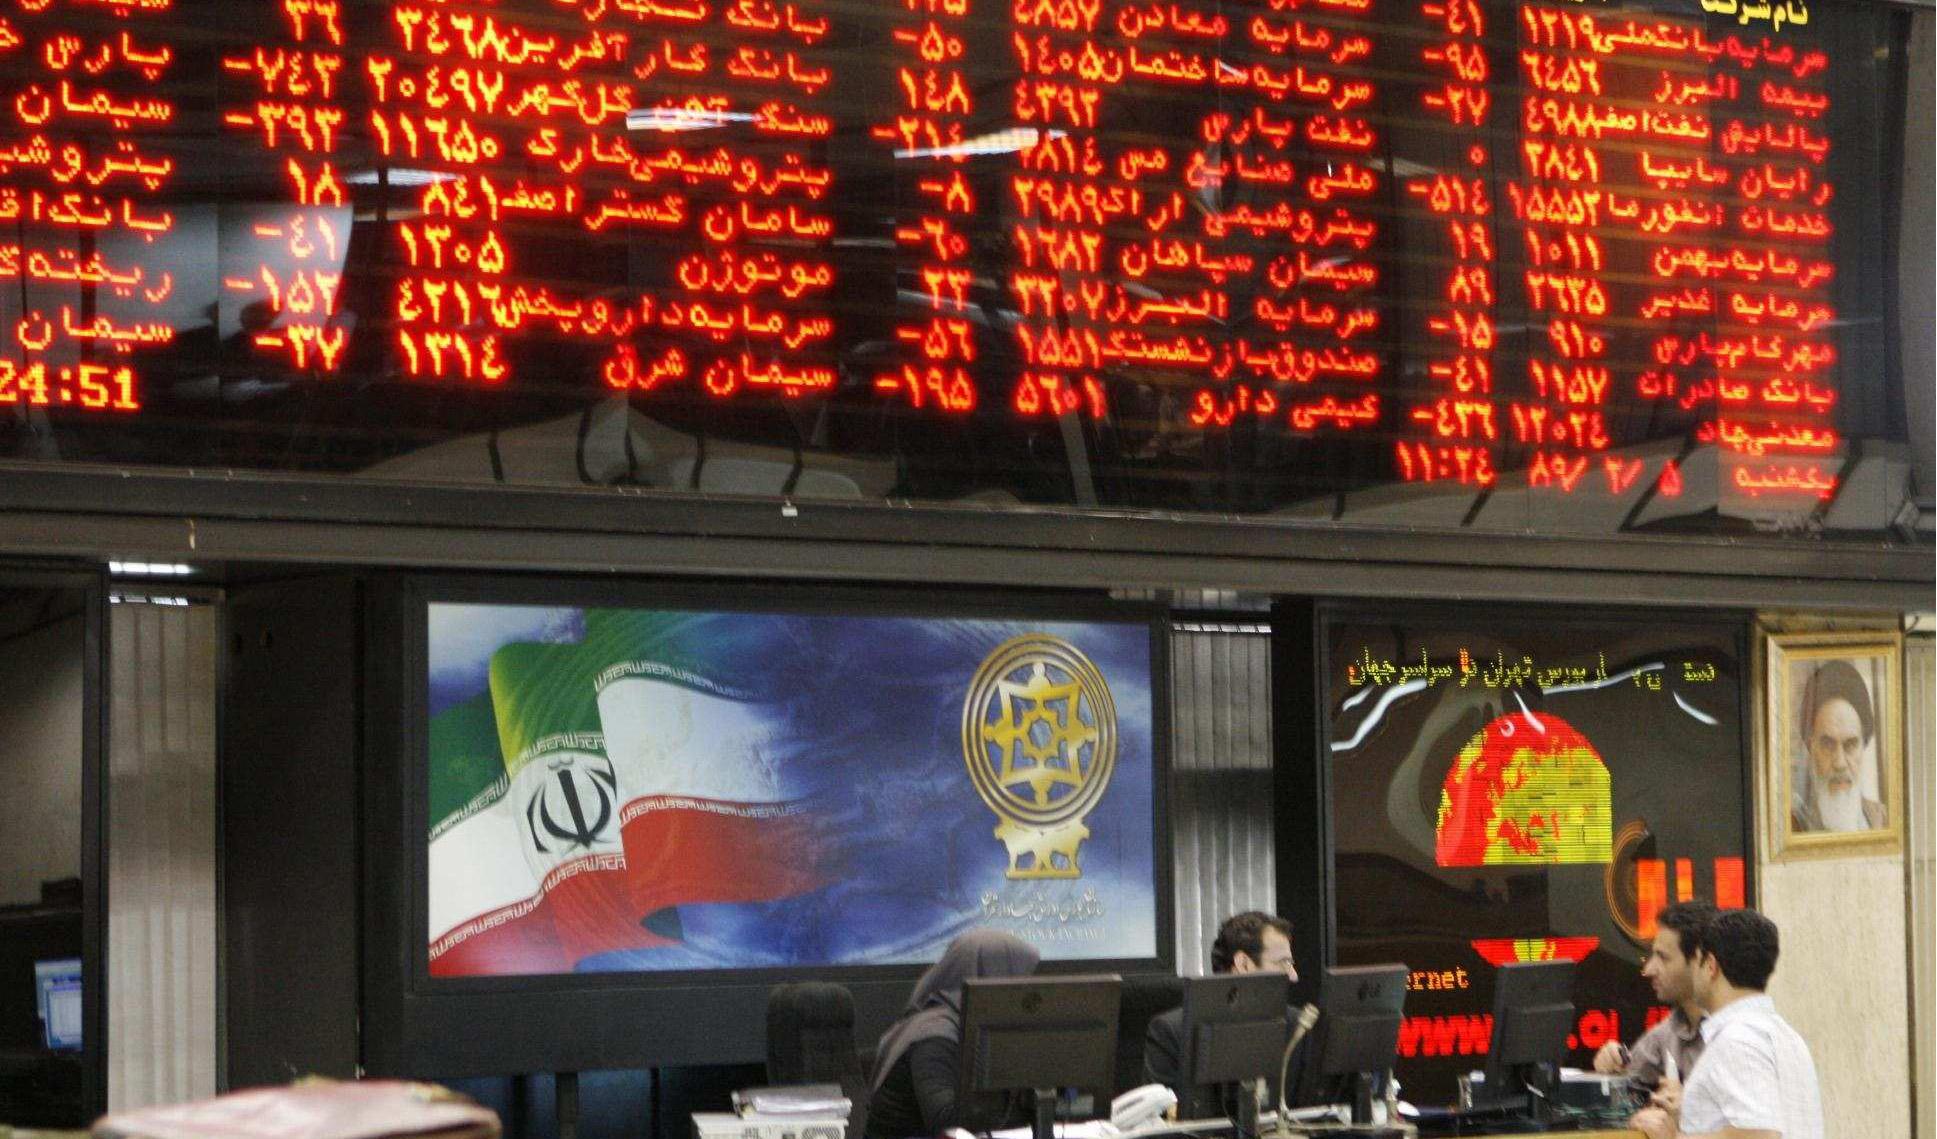 نبض بازار سهام - ۱۳۹۸/۰۸/۲۲